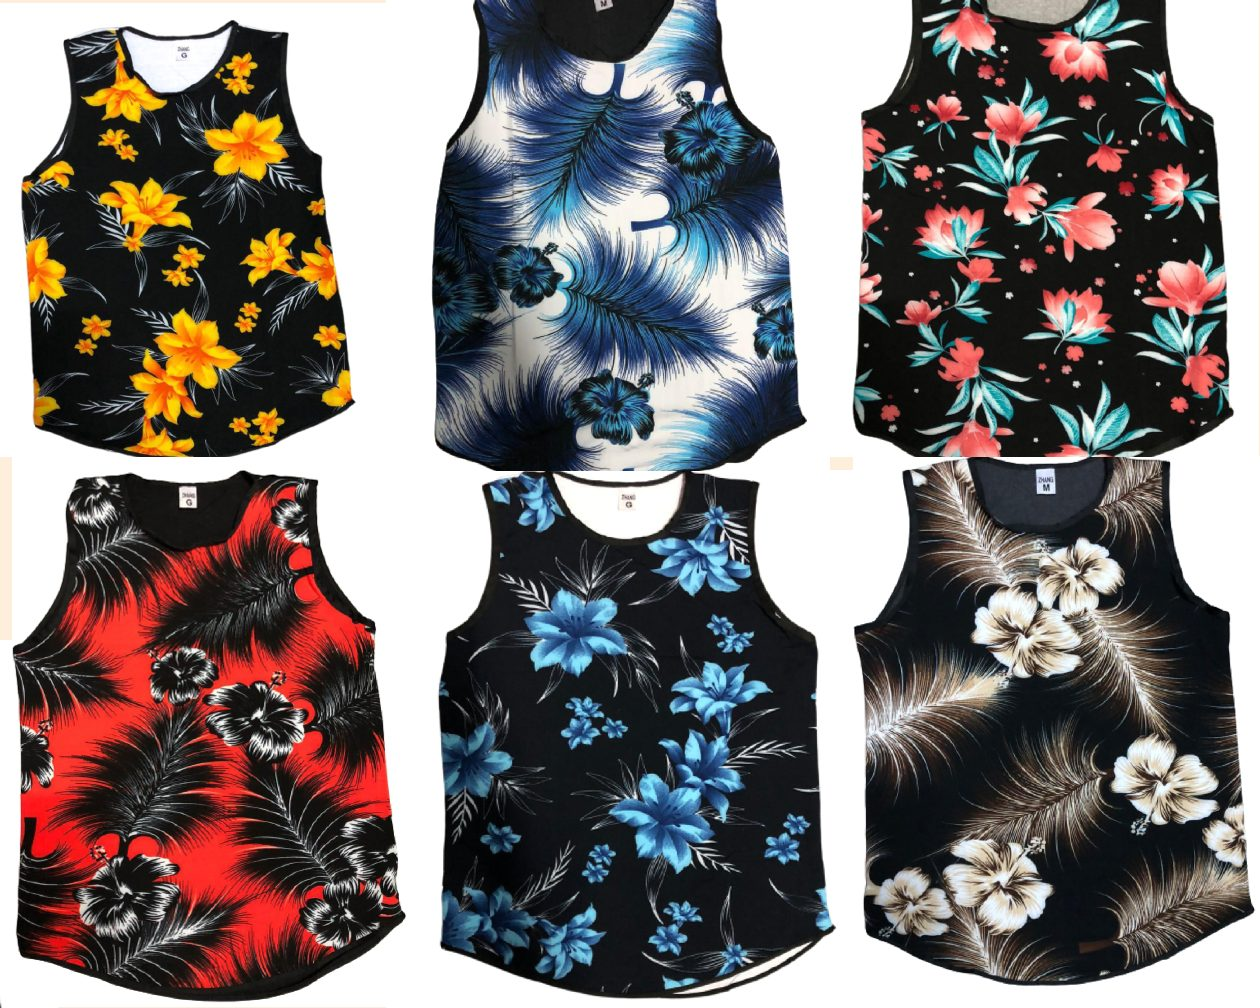 Kit 2 Regatas Camisetas Masculinas Long Ling Swag Florida Estampadas Floral